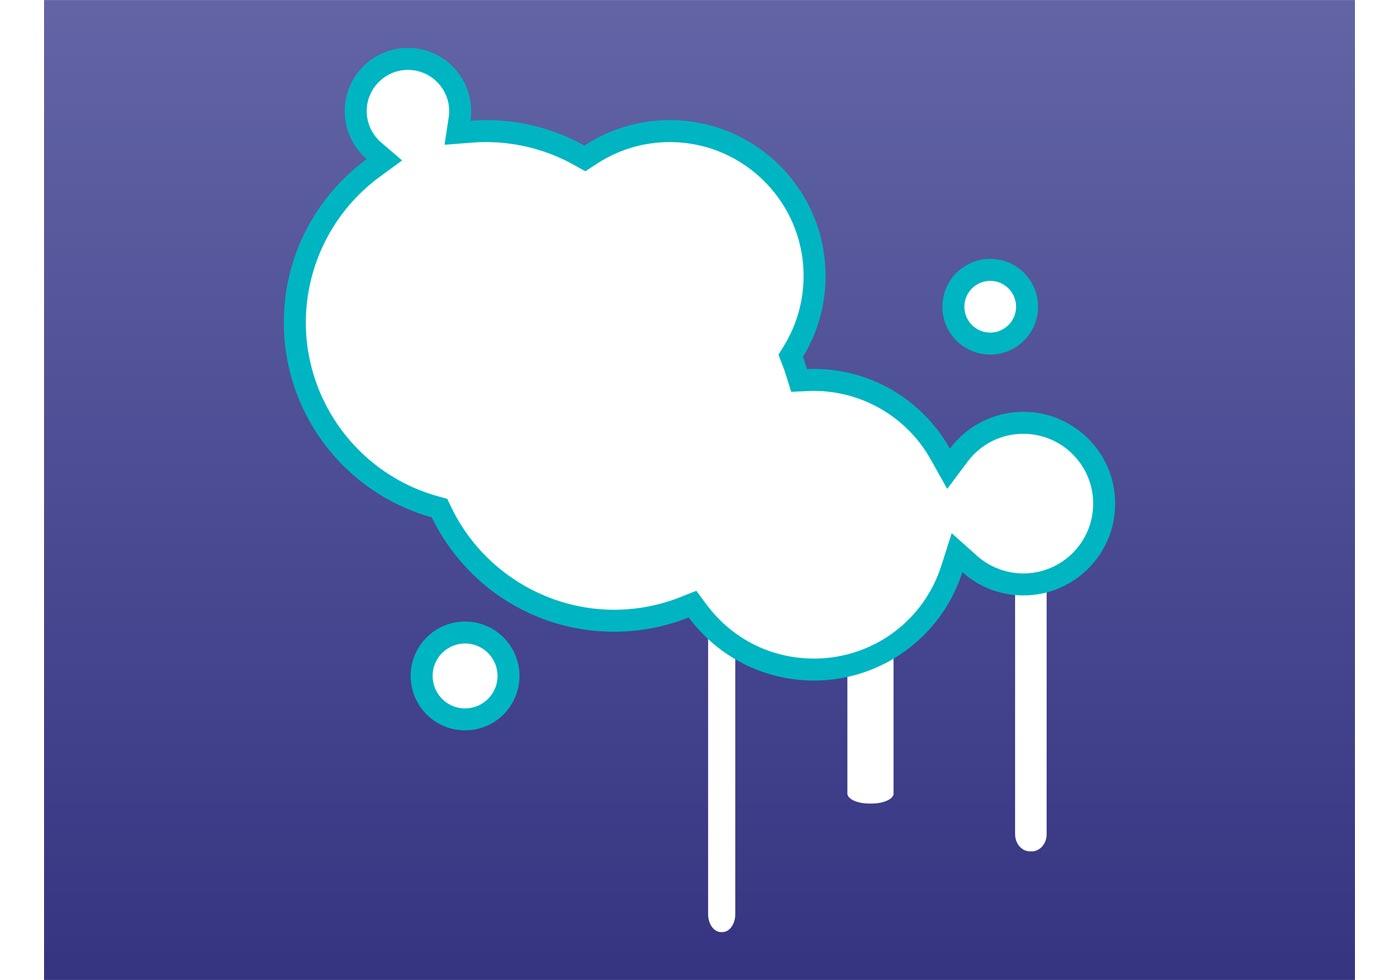 Graffiti bubbles download free vector art stock - Graffiti bubble ...